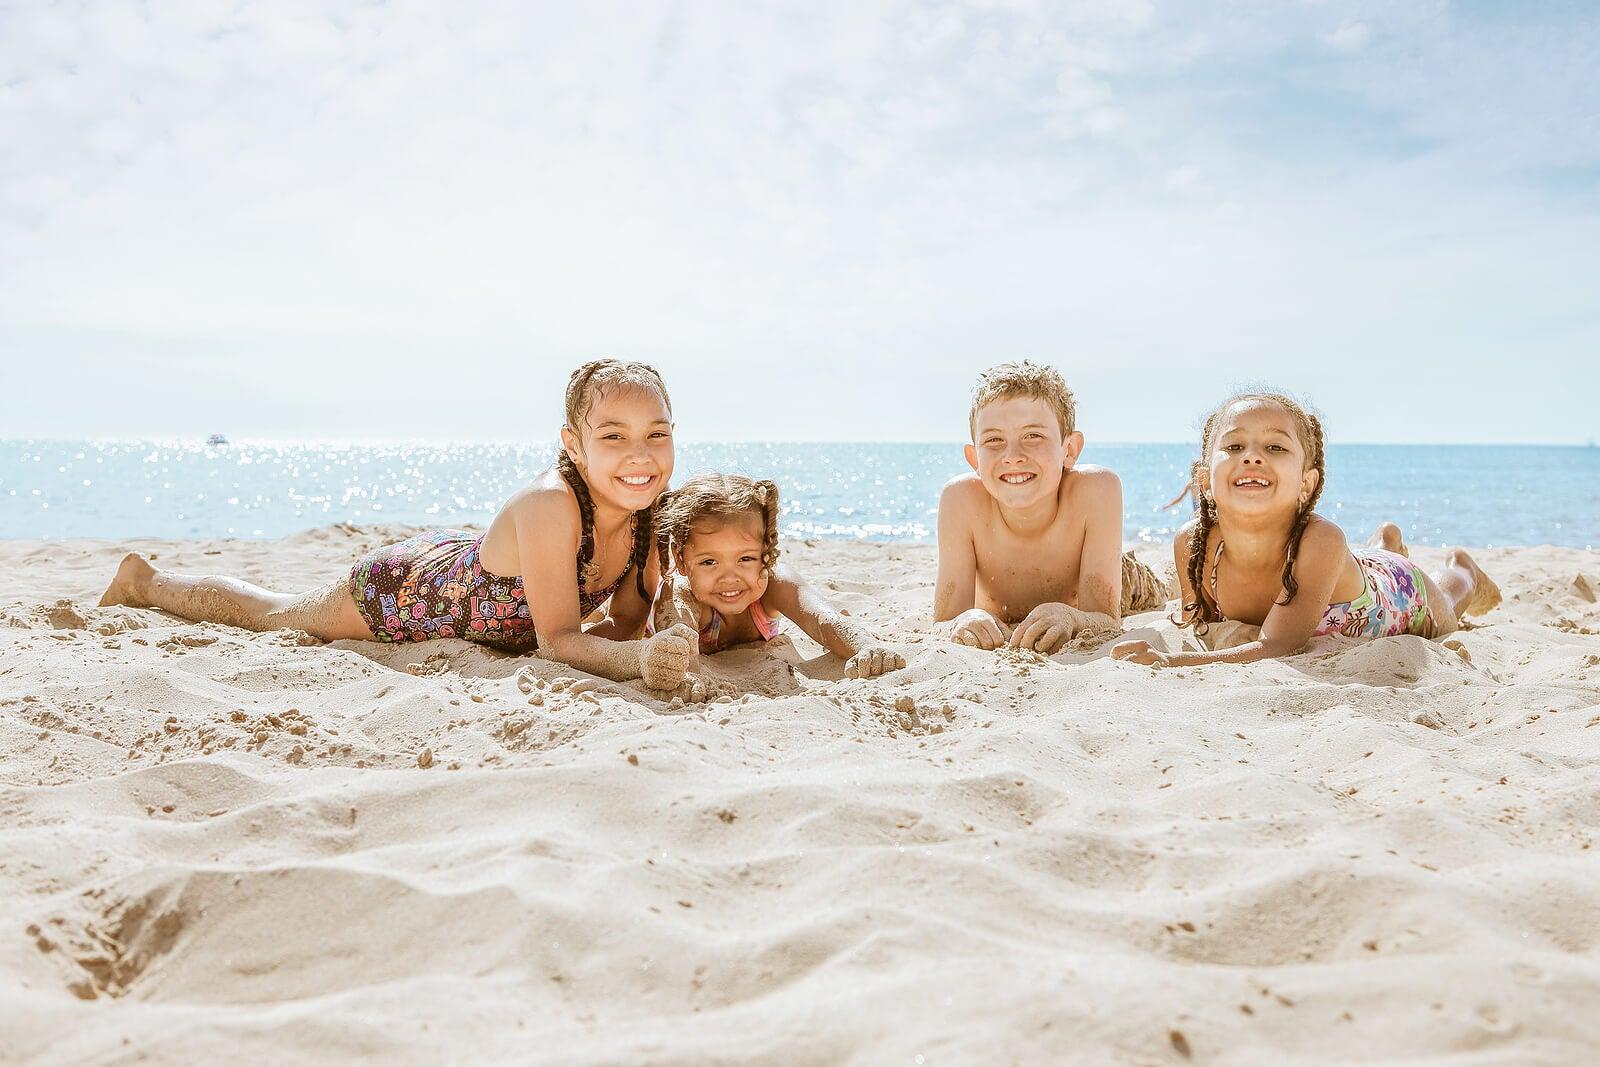 Primos disfrutando de un día de playa.